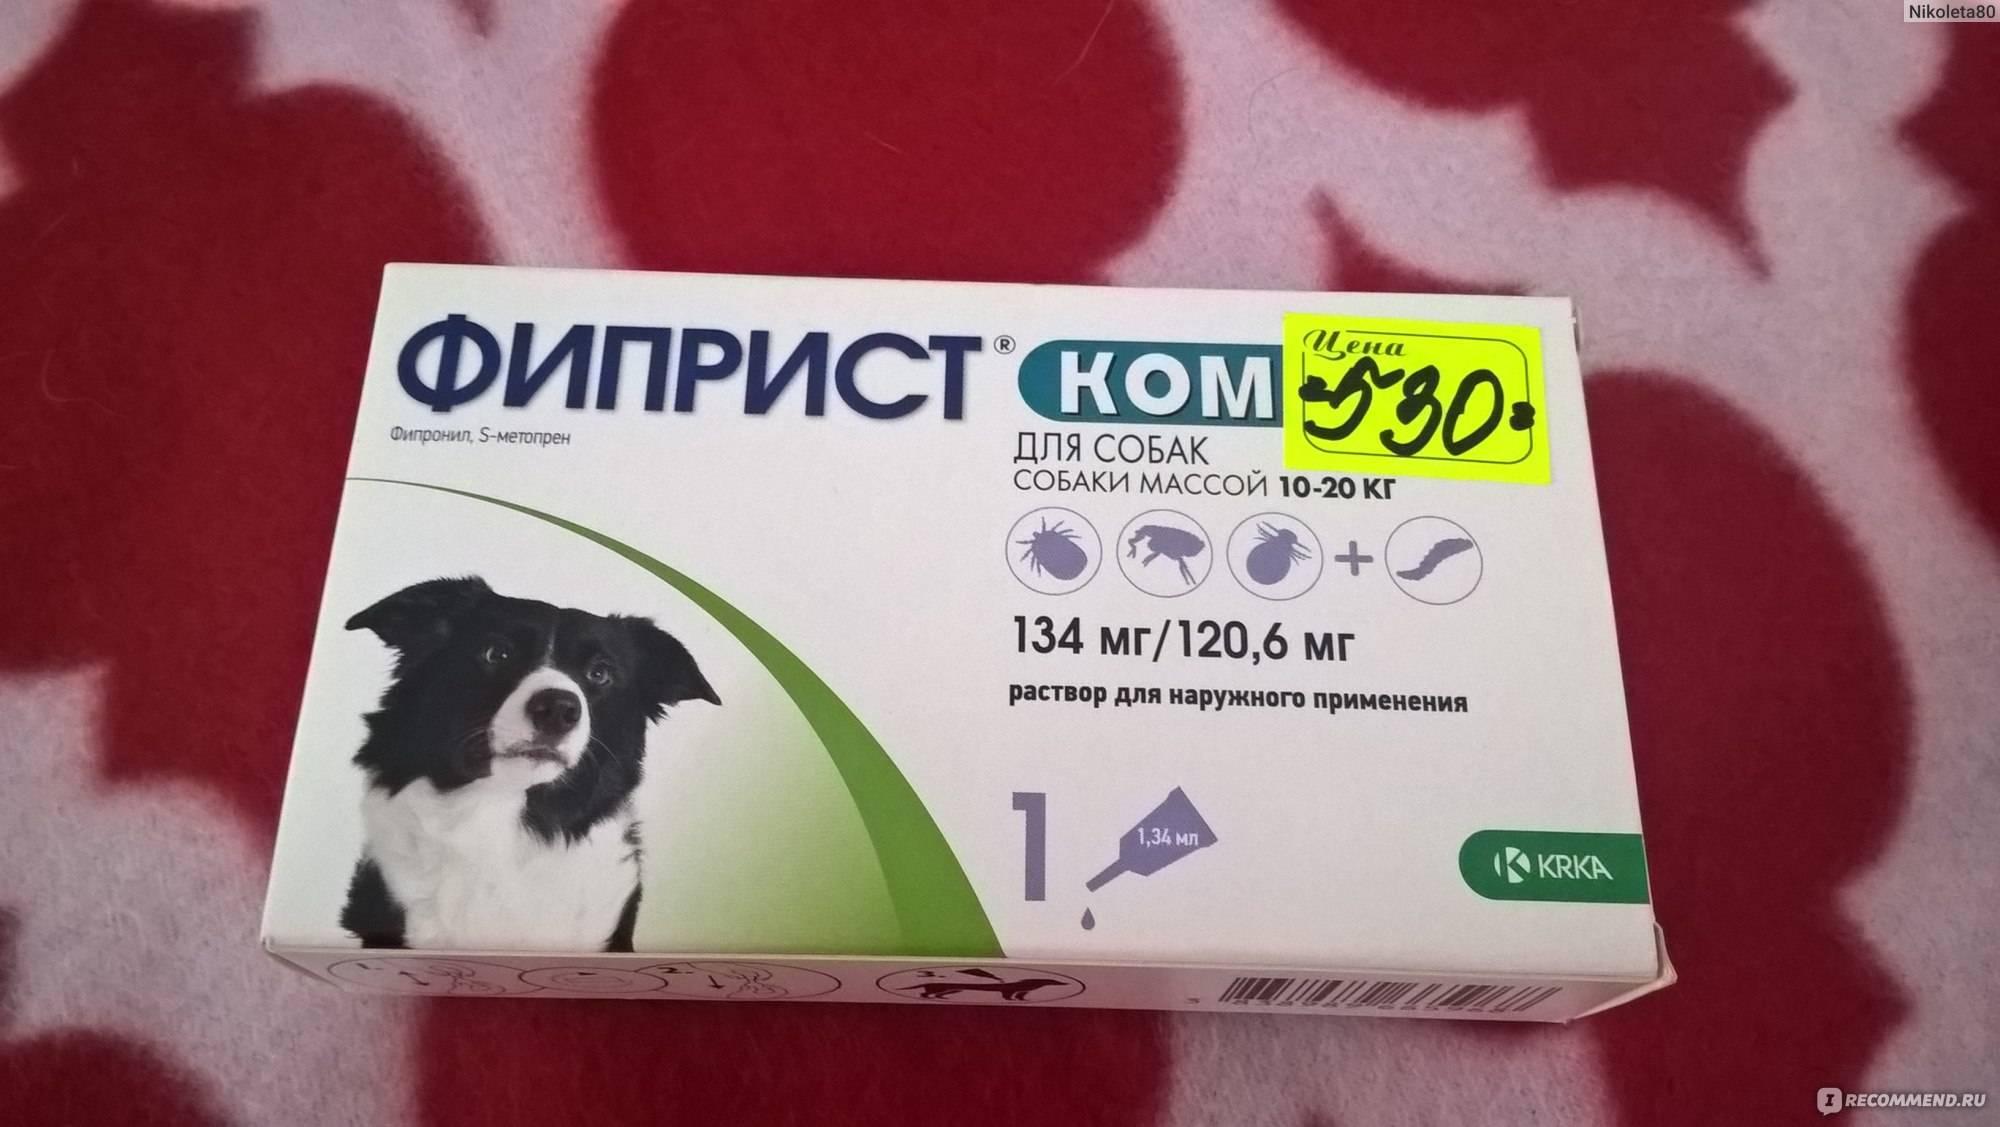 Фиприст комбо для собак, противопаразитарный препарат